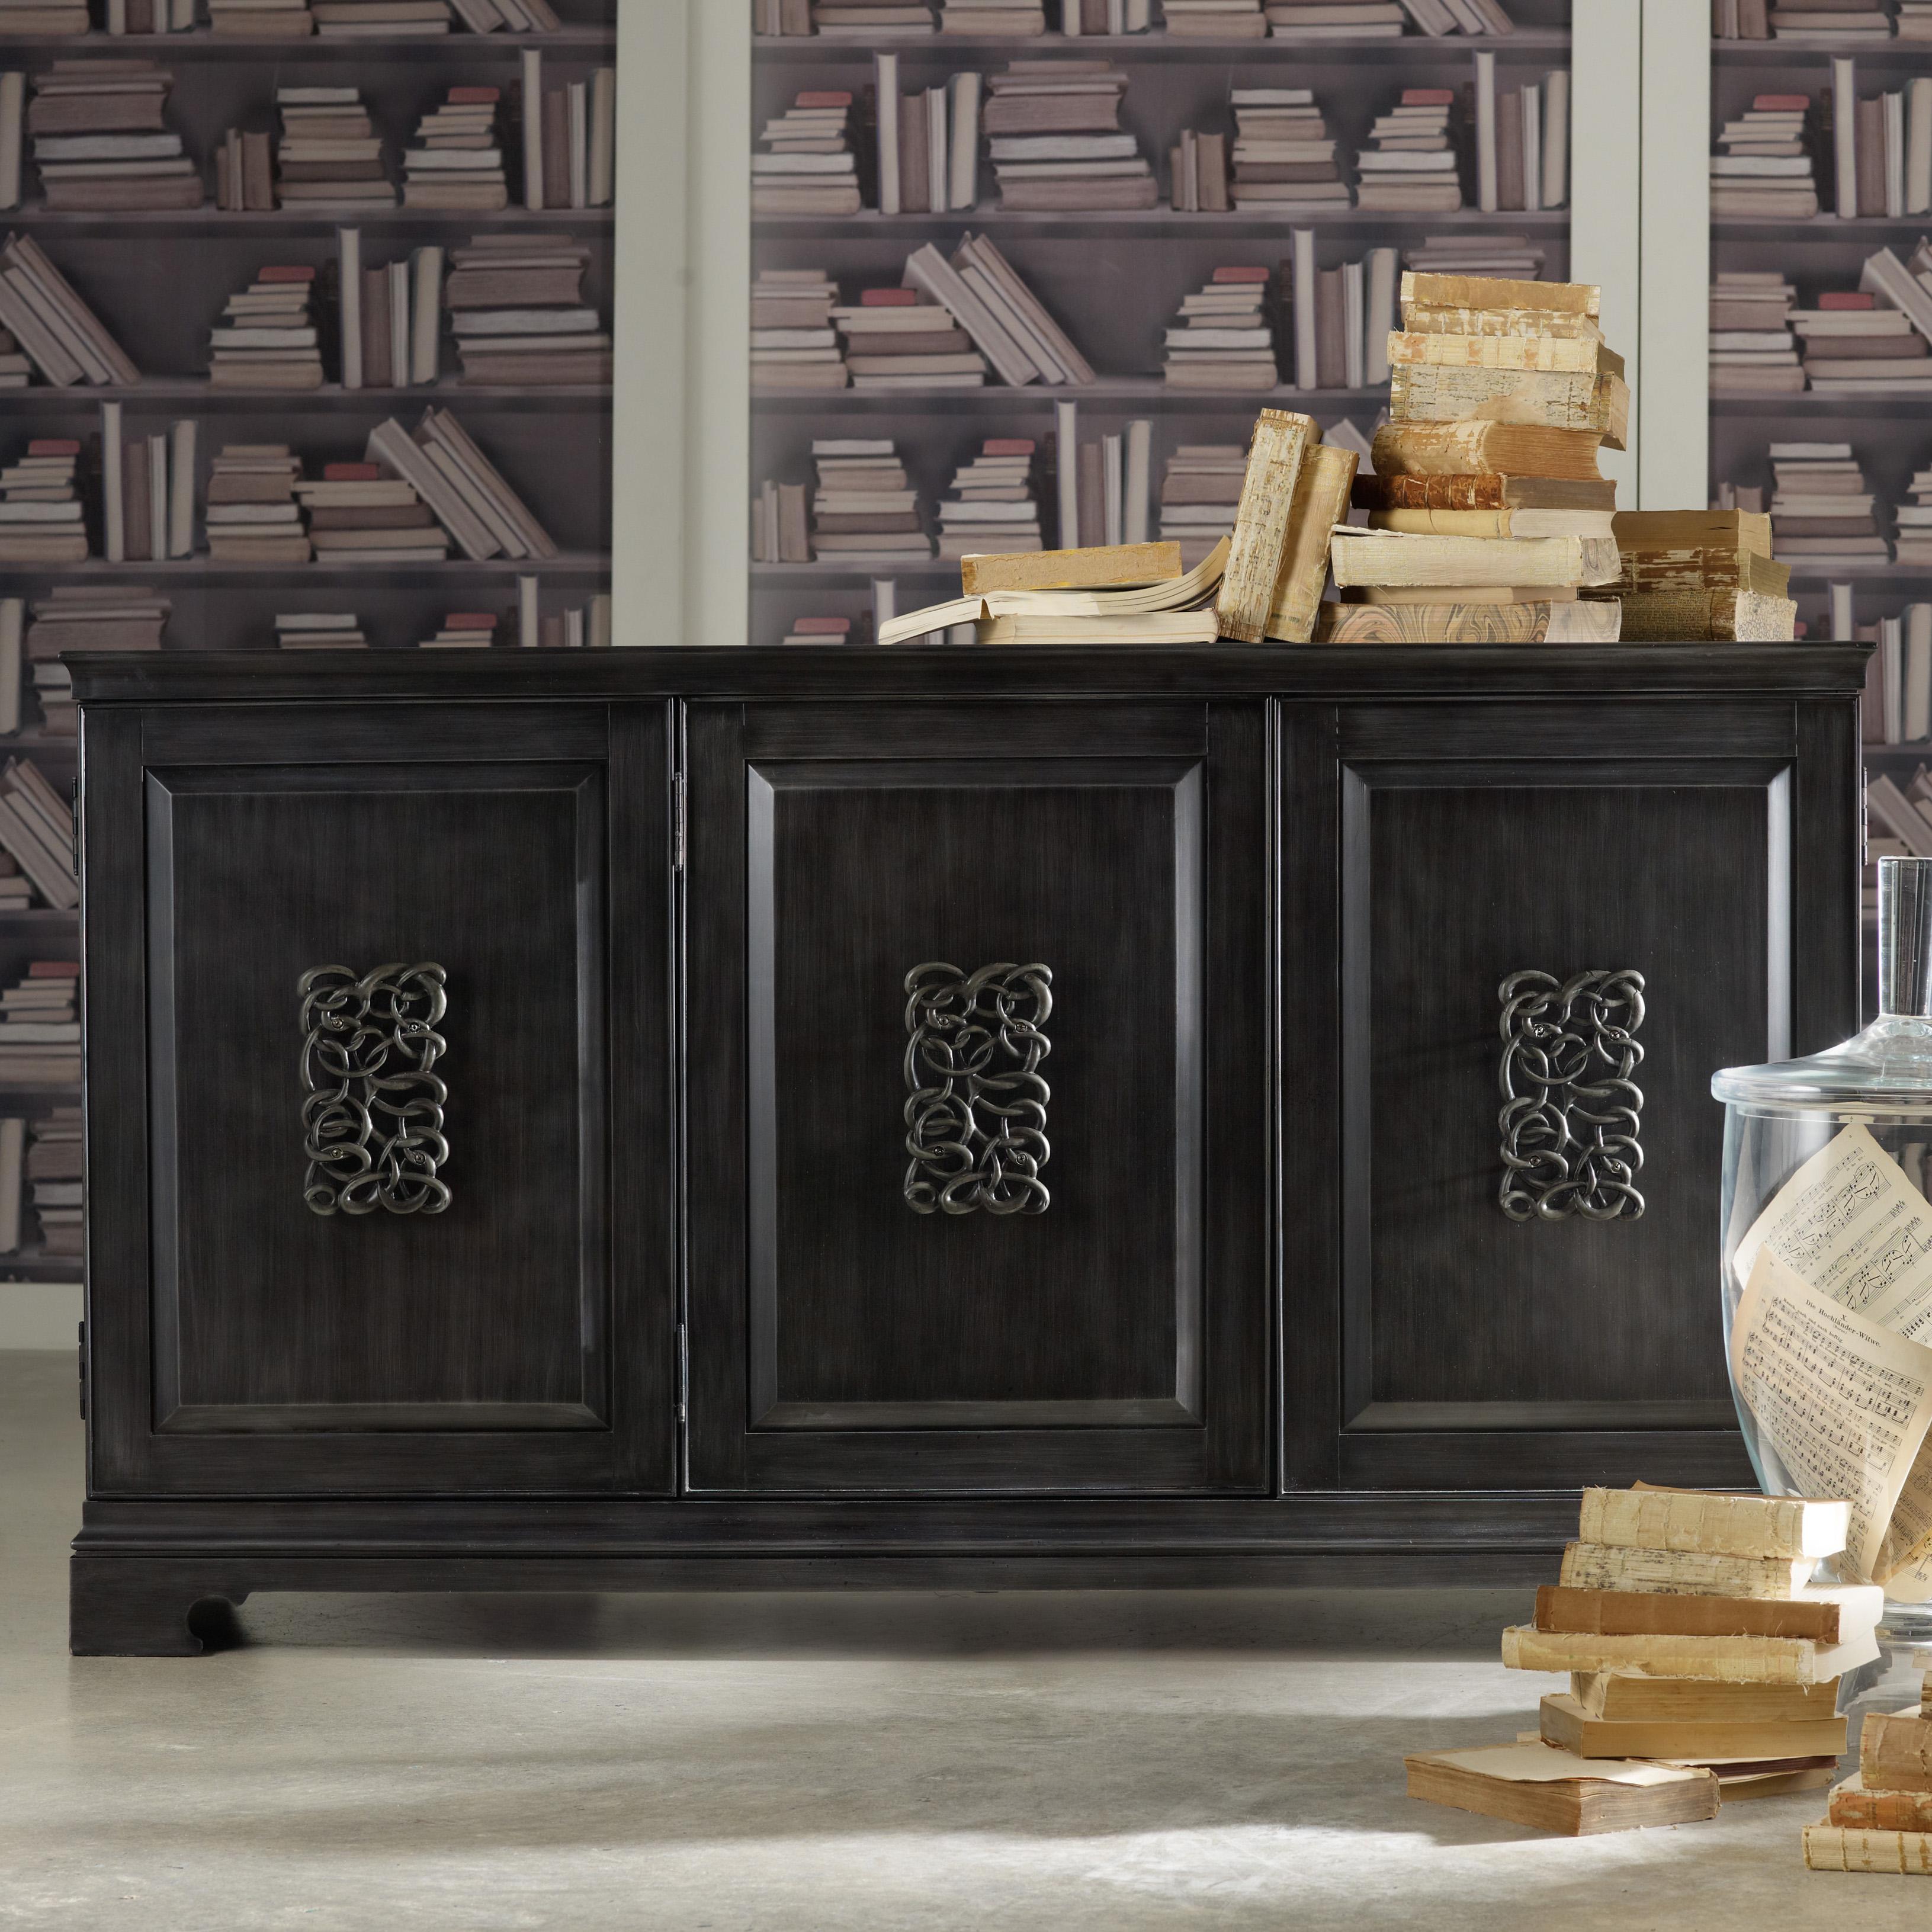 Mélange Brockton Credenza by Hooker Furniture at Baer's Furniture